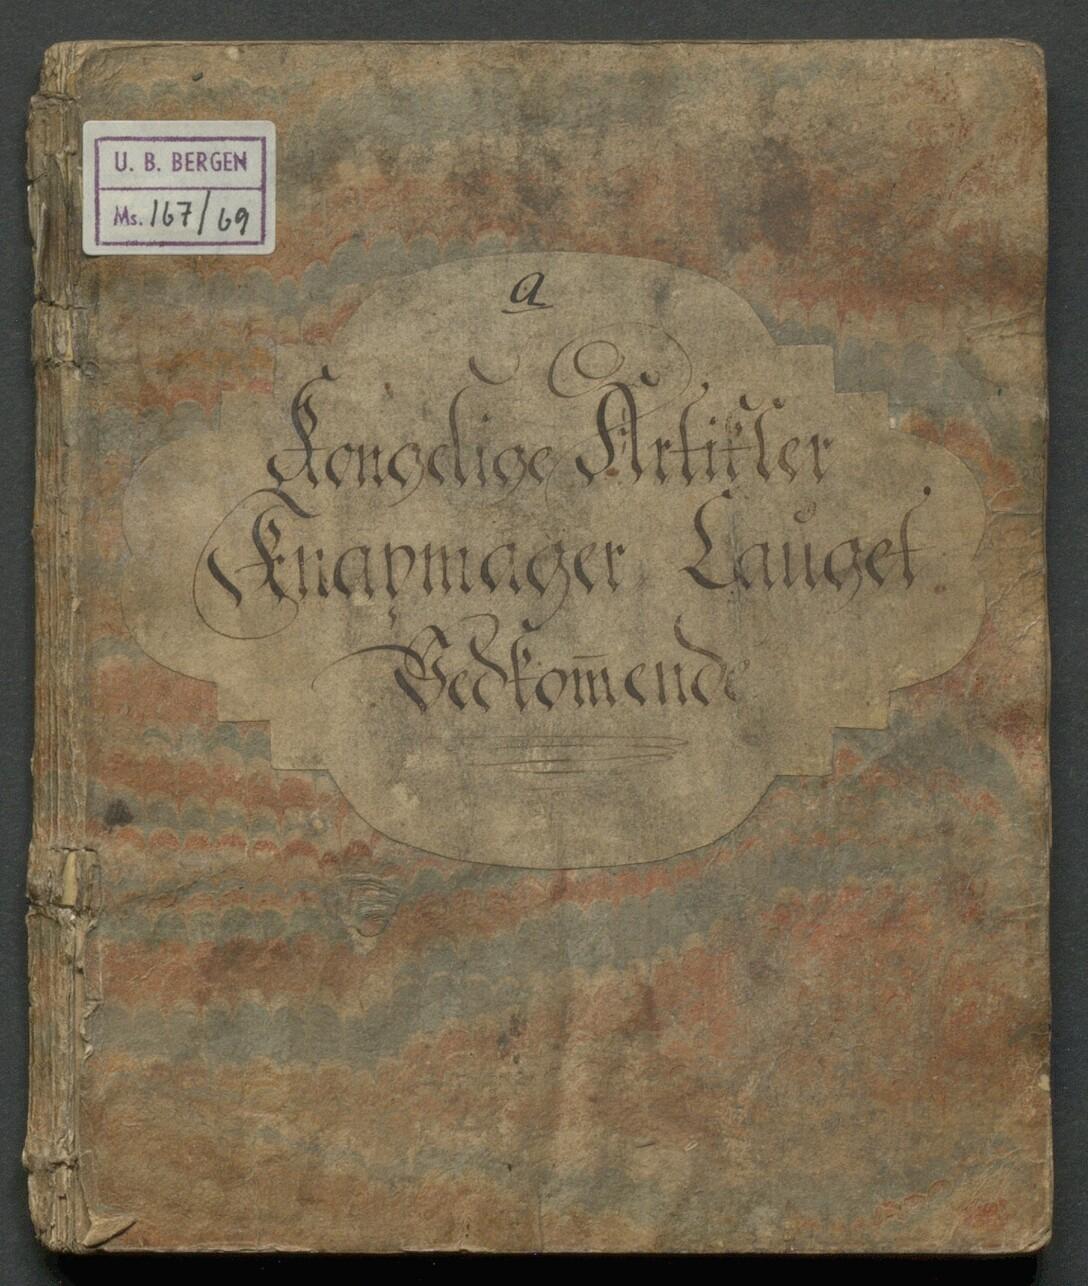 Forsiden av ubb-ms-0167-05-69-a: «Kongelige Knapmager Lauget vedkommende».